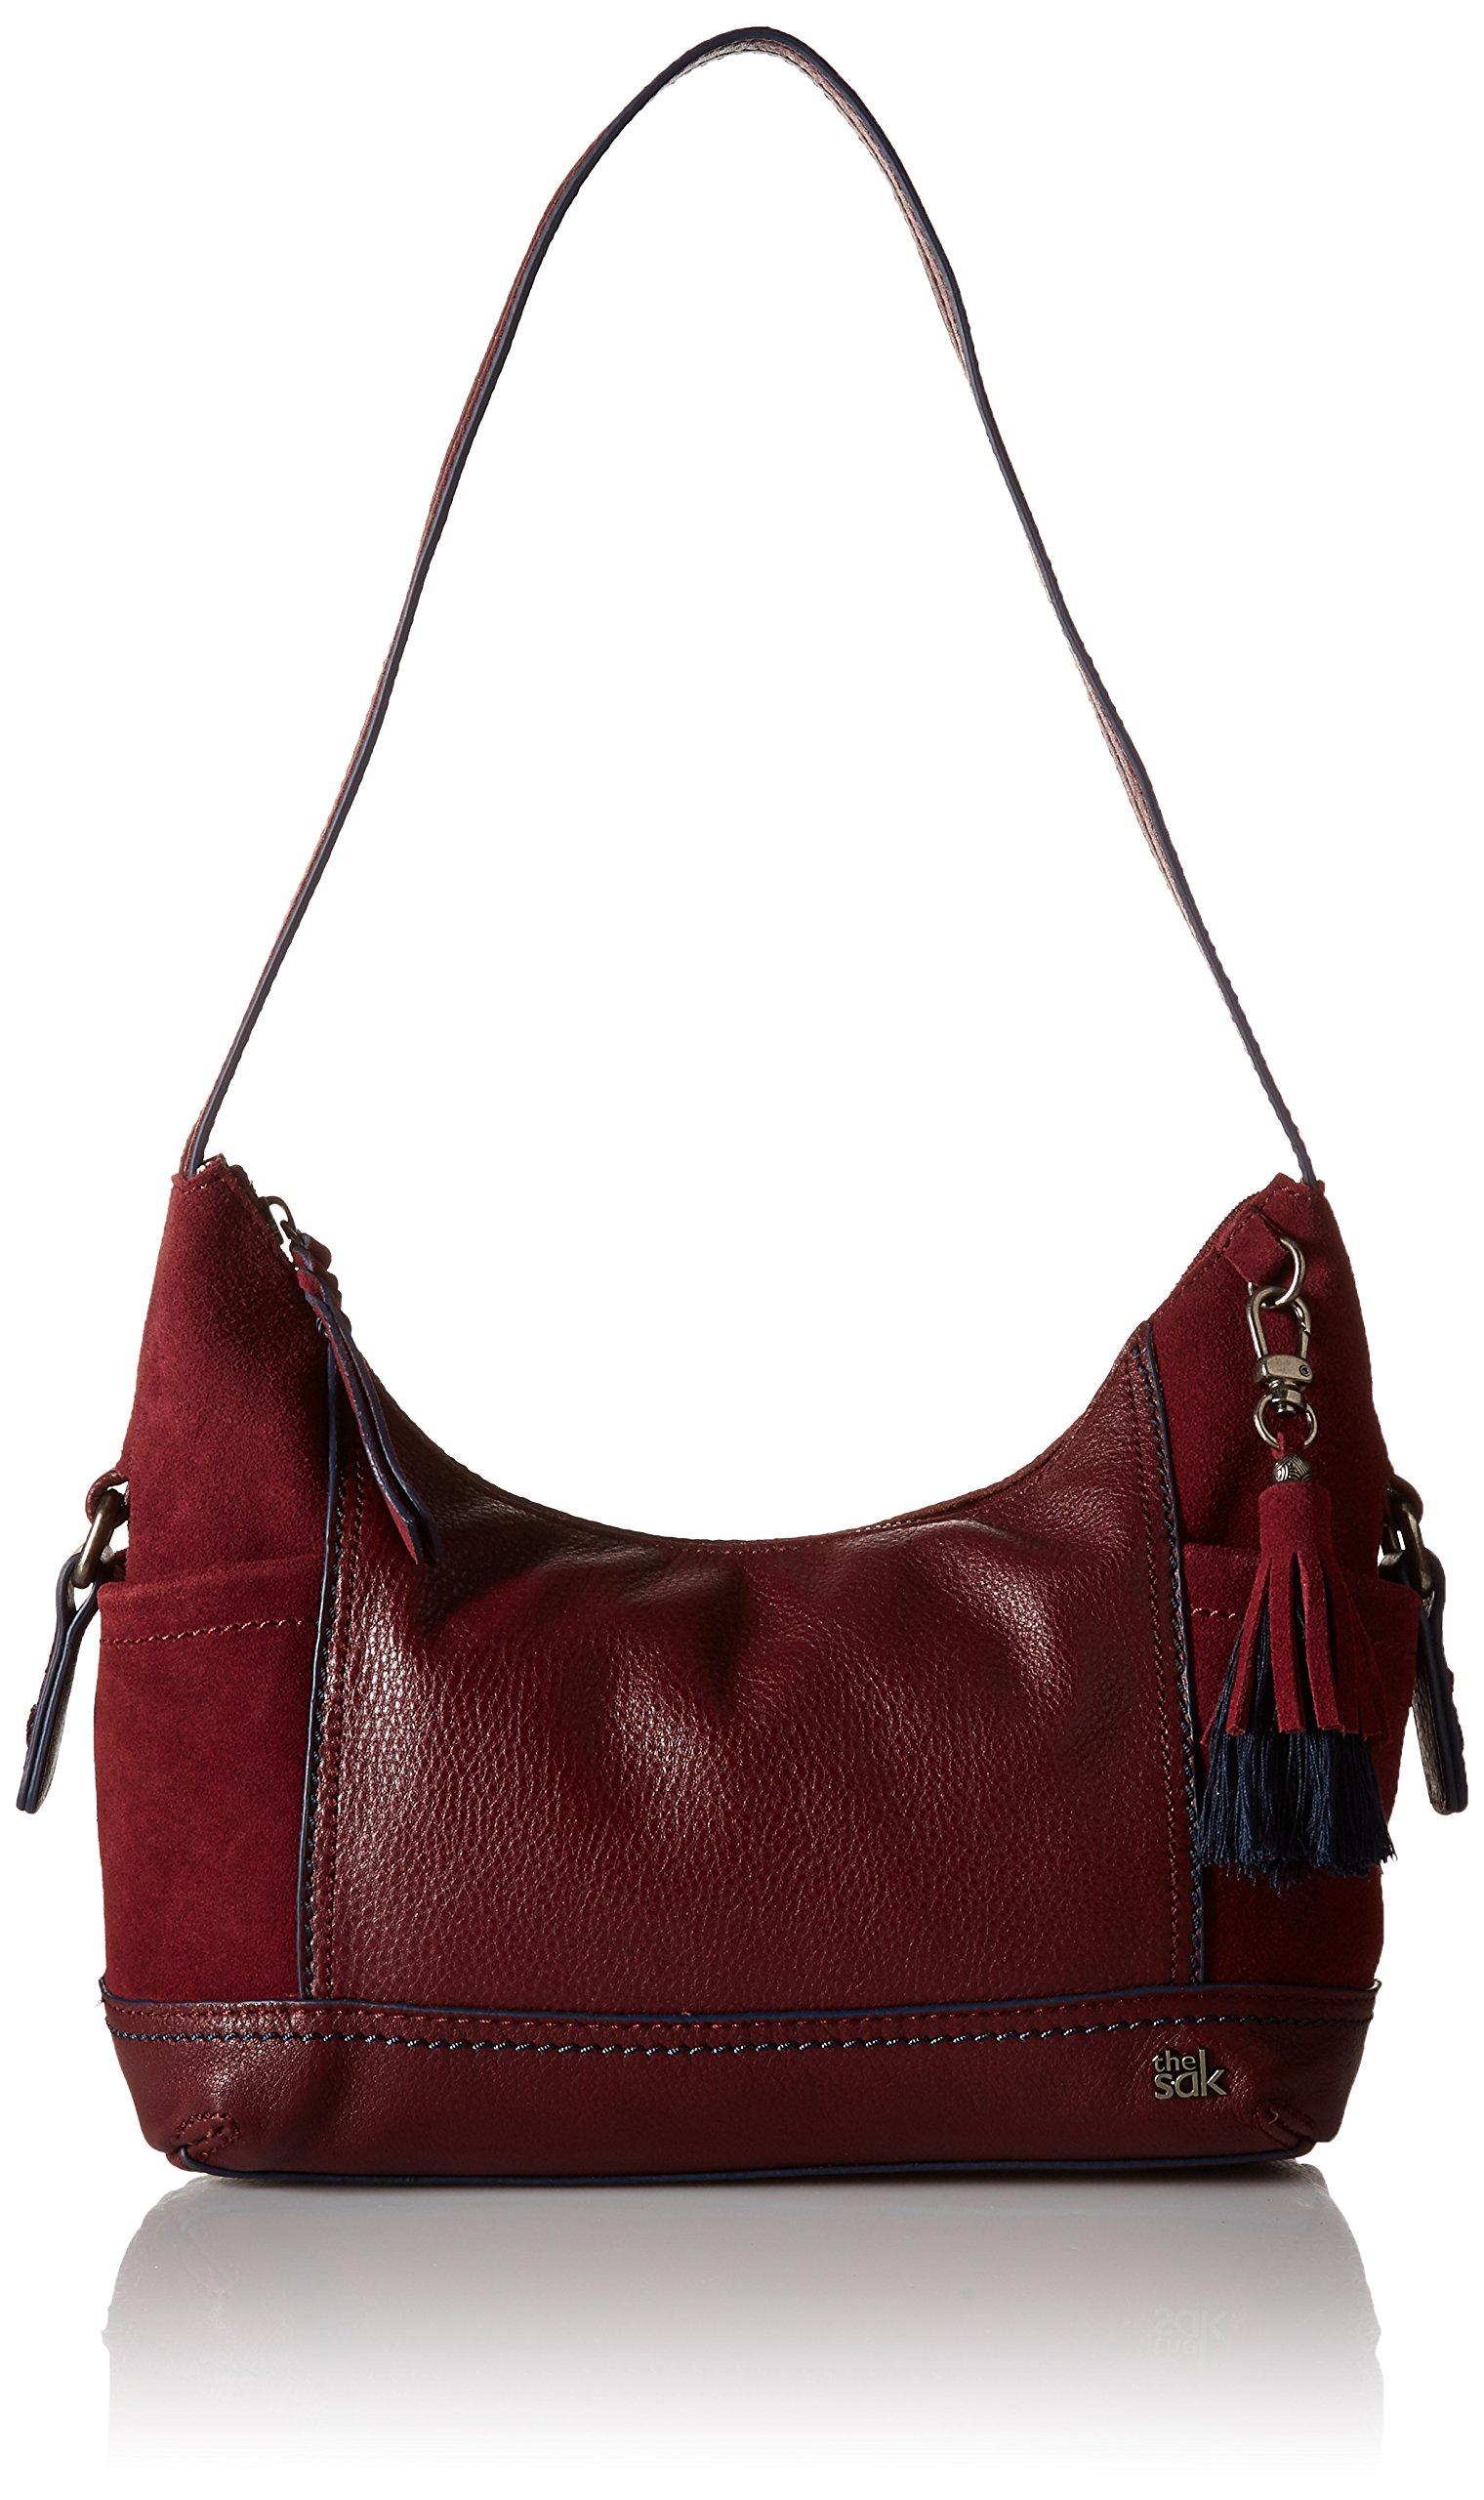 The Sak Kendra Hobo Shoulder Bag,Cabernet Block,One Size